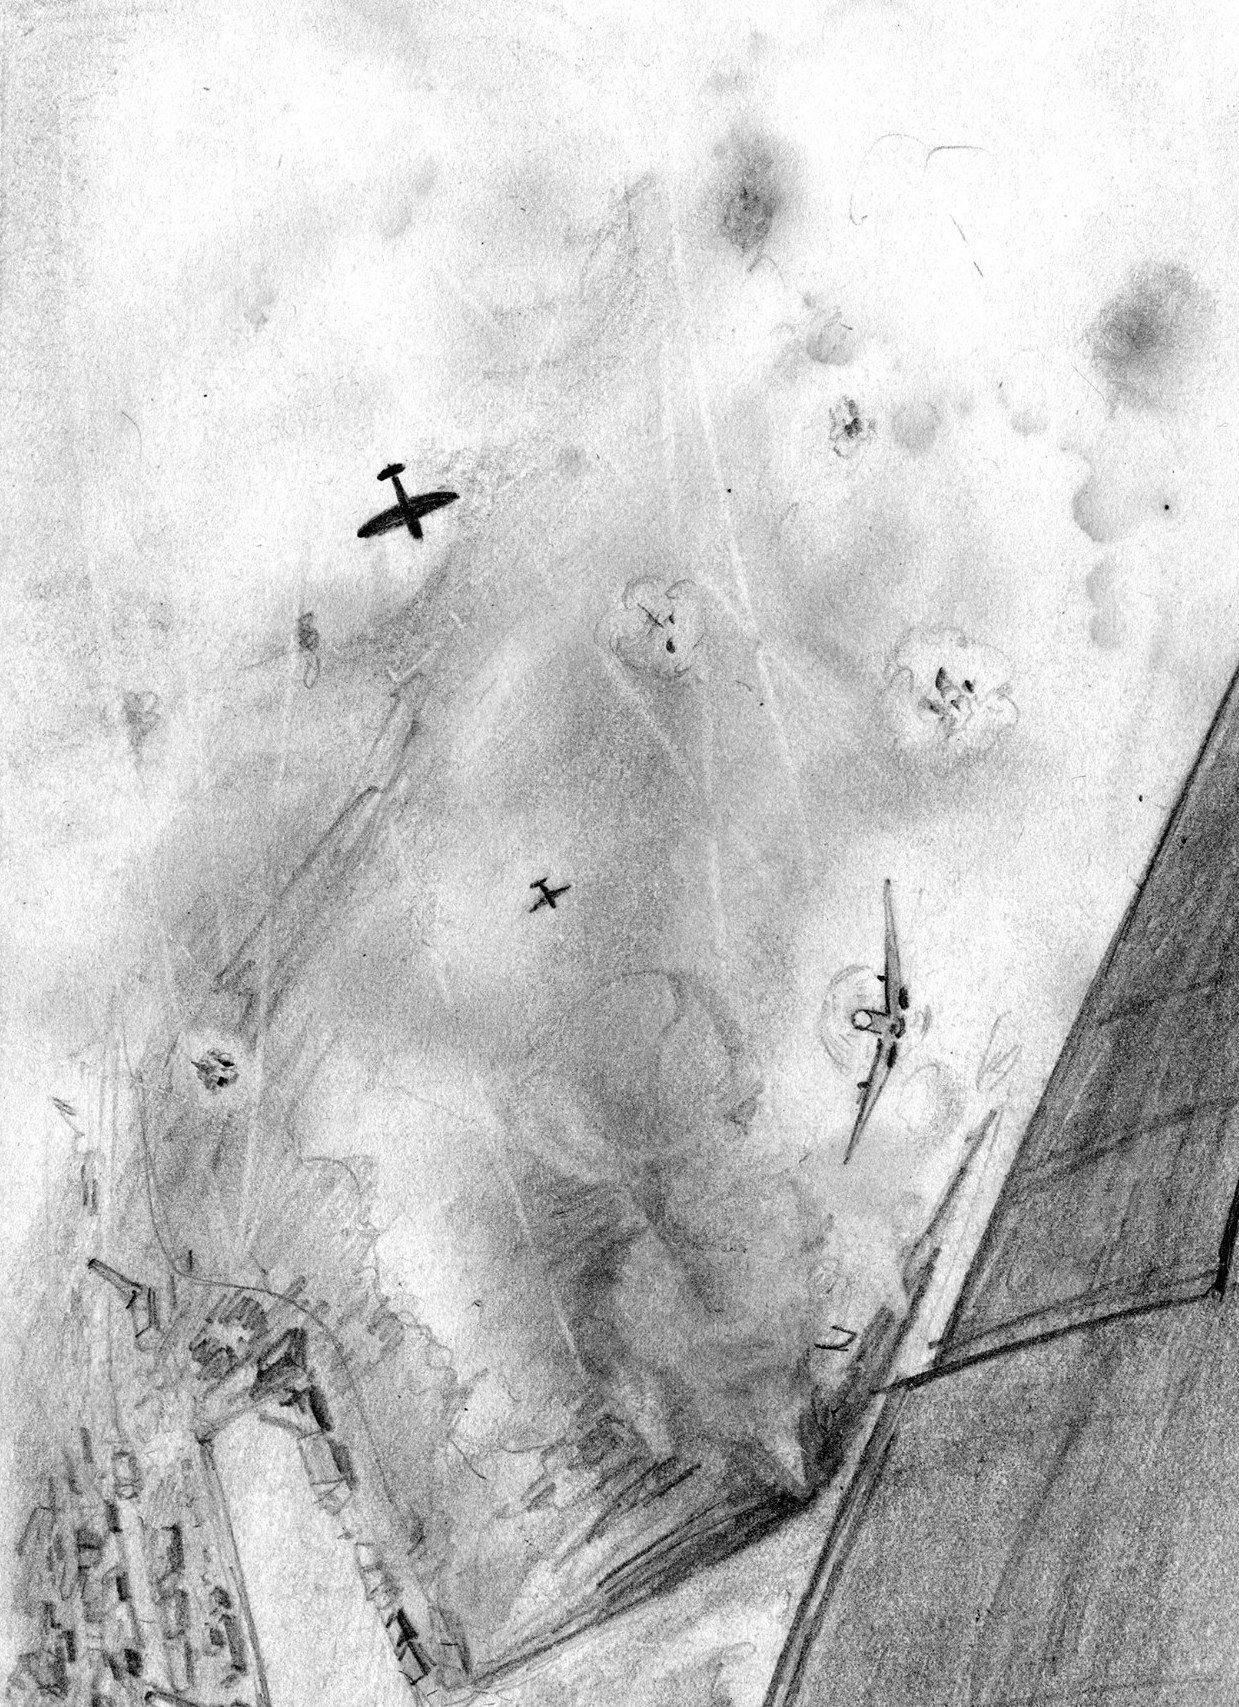 W czasie bitwy nad Gandawą polscy piloci mocno przetrzepali skórę Niemcom. Zestrzelili na pewno 18,5 samolotów Luftwaffe, 1 prawdopodobne oraz uszkodzili 5 kolejnych.